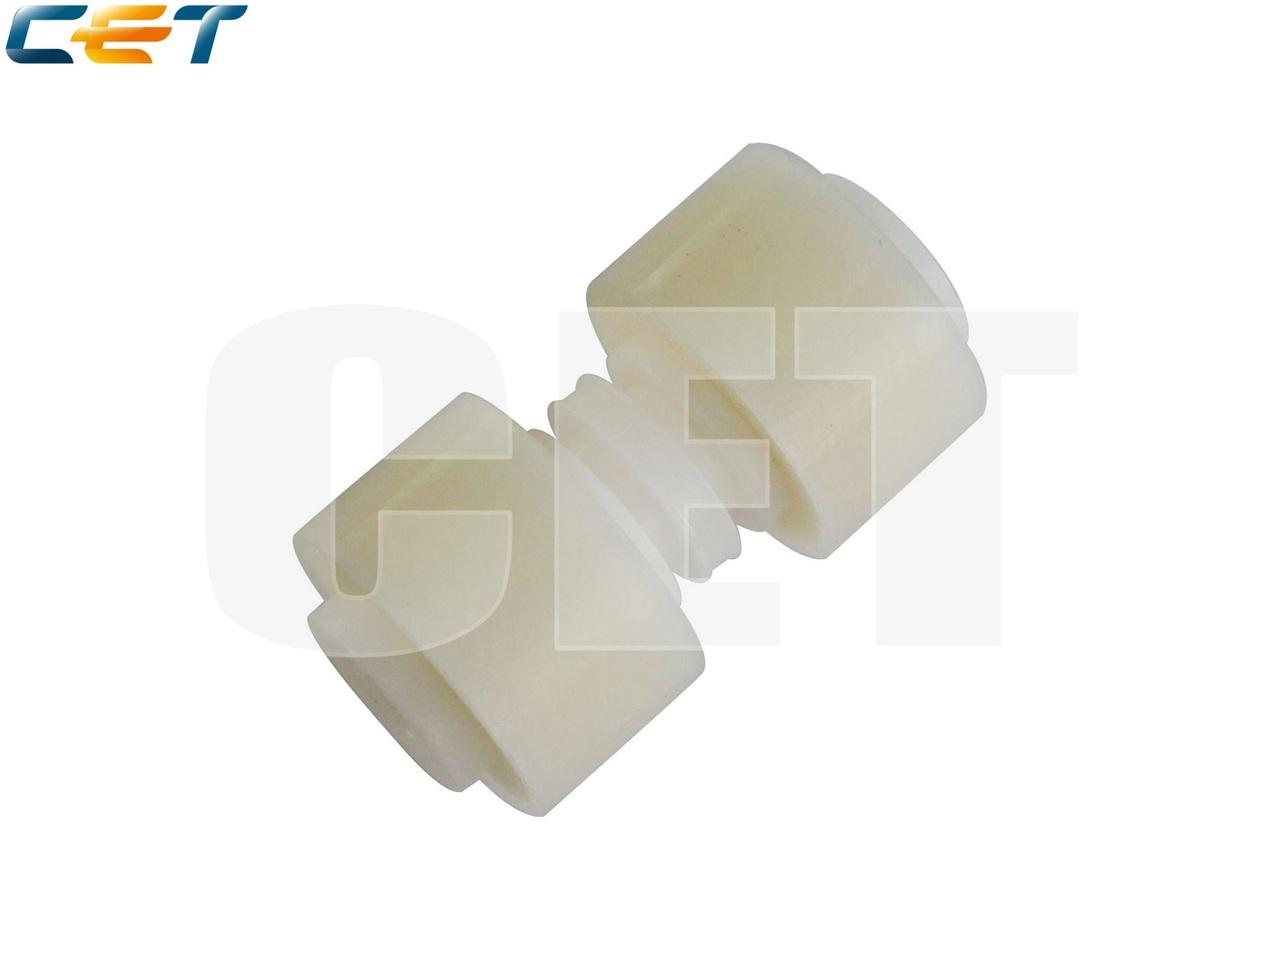 Ролик отделения FB2-7777-000 для CANON iR ADVANCE6055/6065/6075/6255/6265/6275 (CET), CET5103